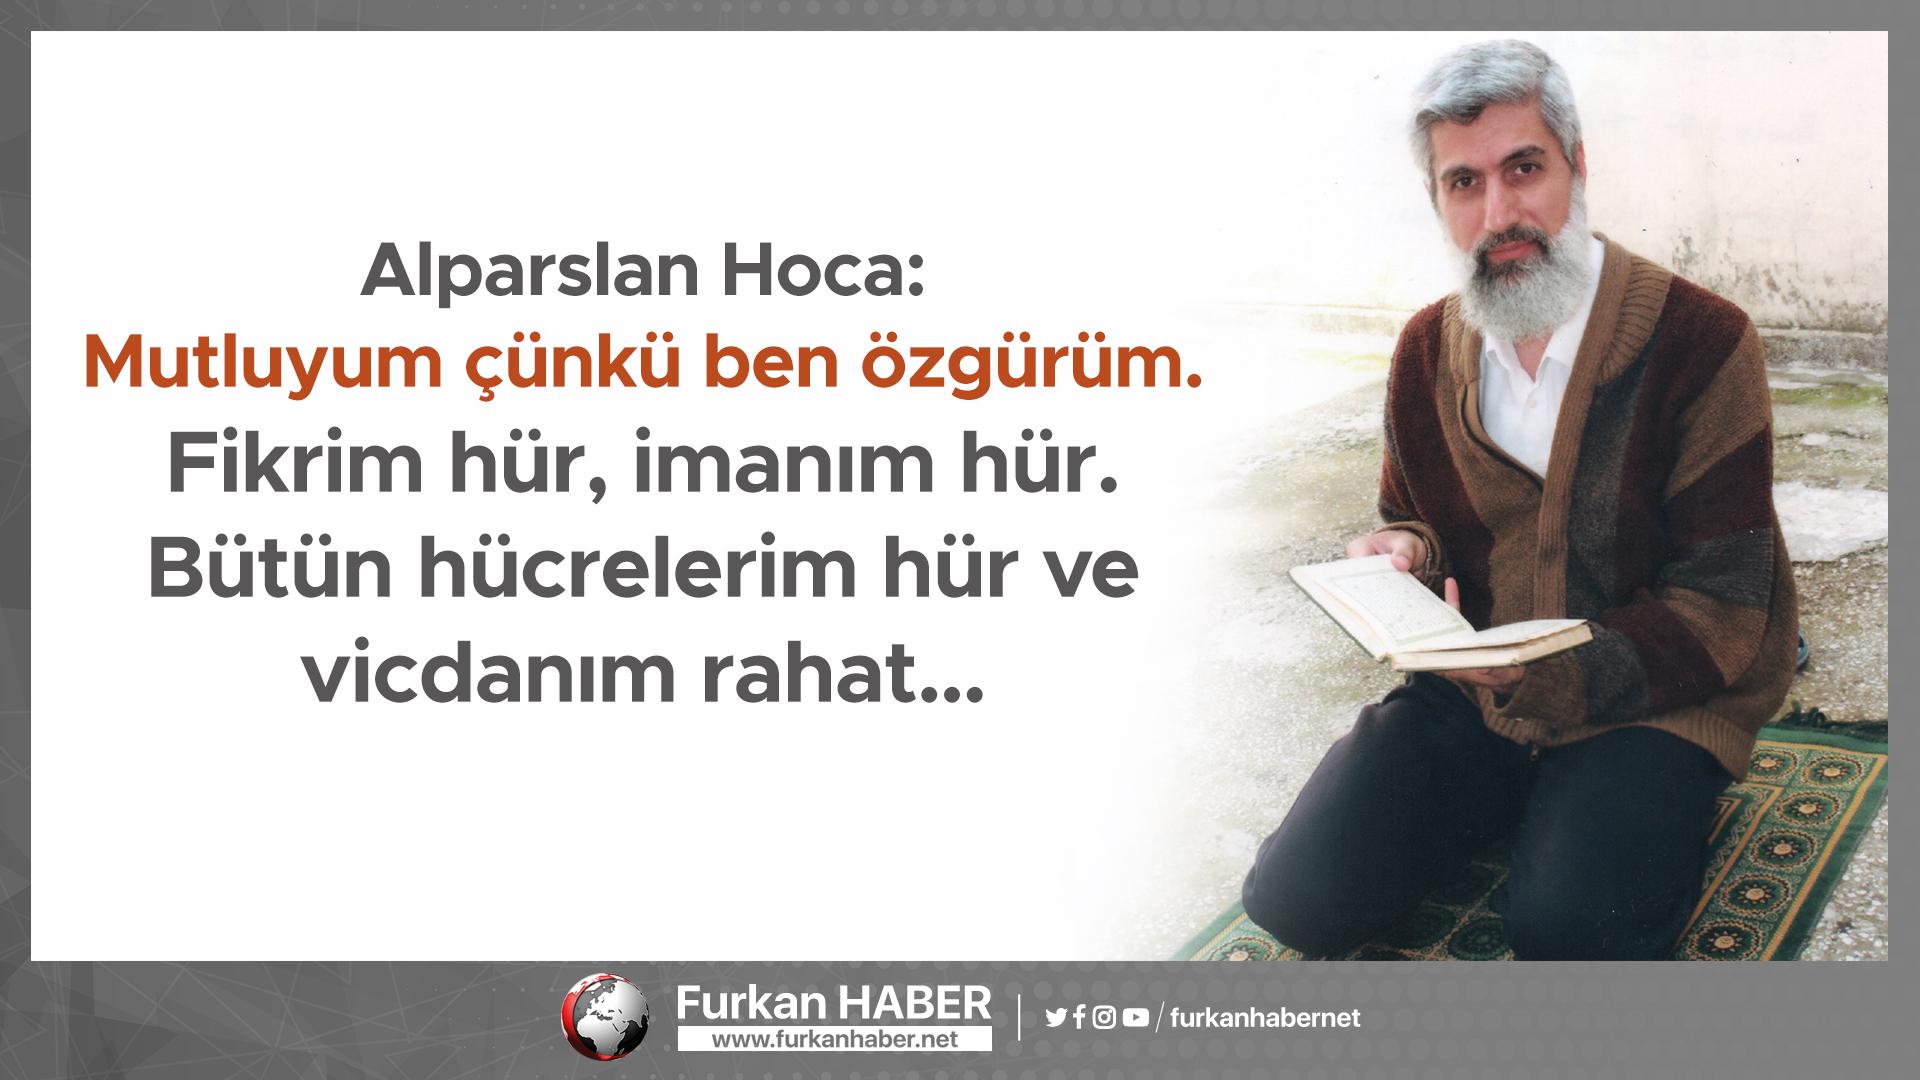 Alparslan Hoca: Mutluyum çünkü ben özgürüm. Fikrim hür, imanım hür. Bütün hücrelerim hür ve vicdanım rahat…